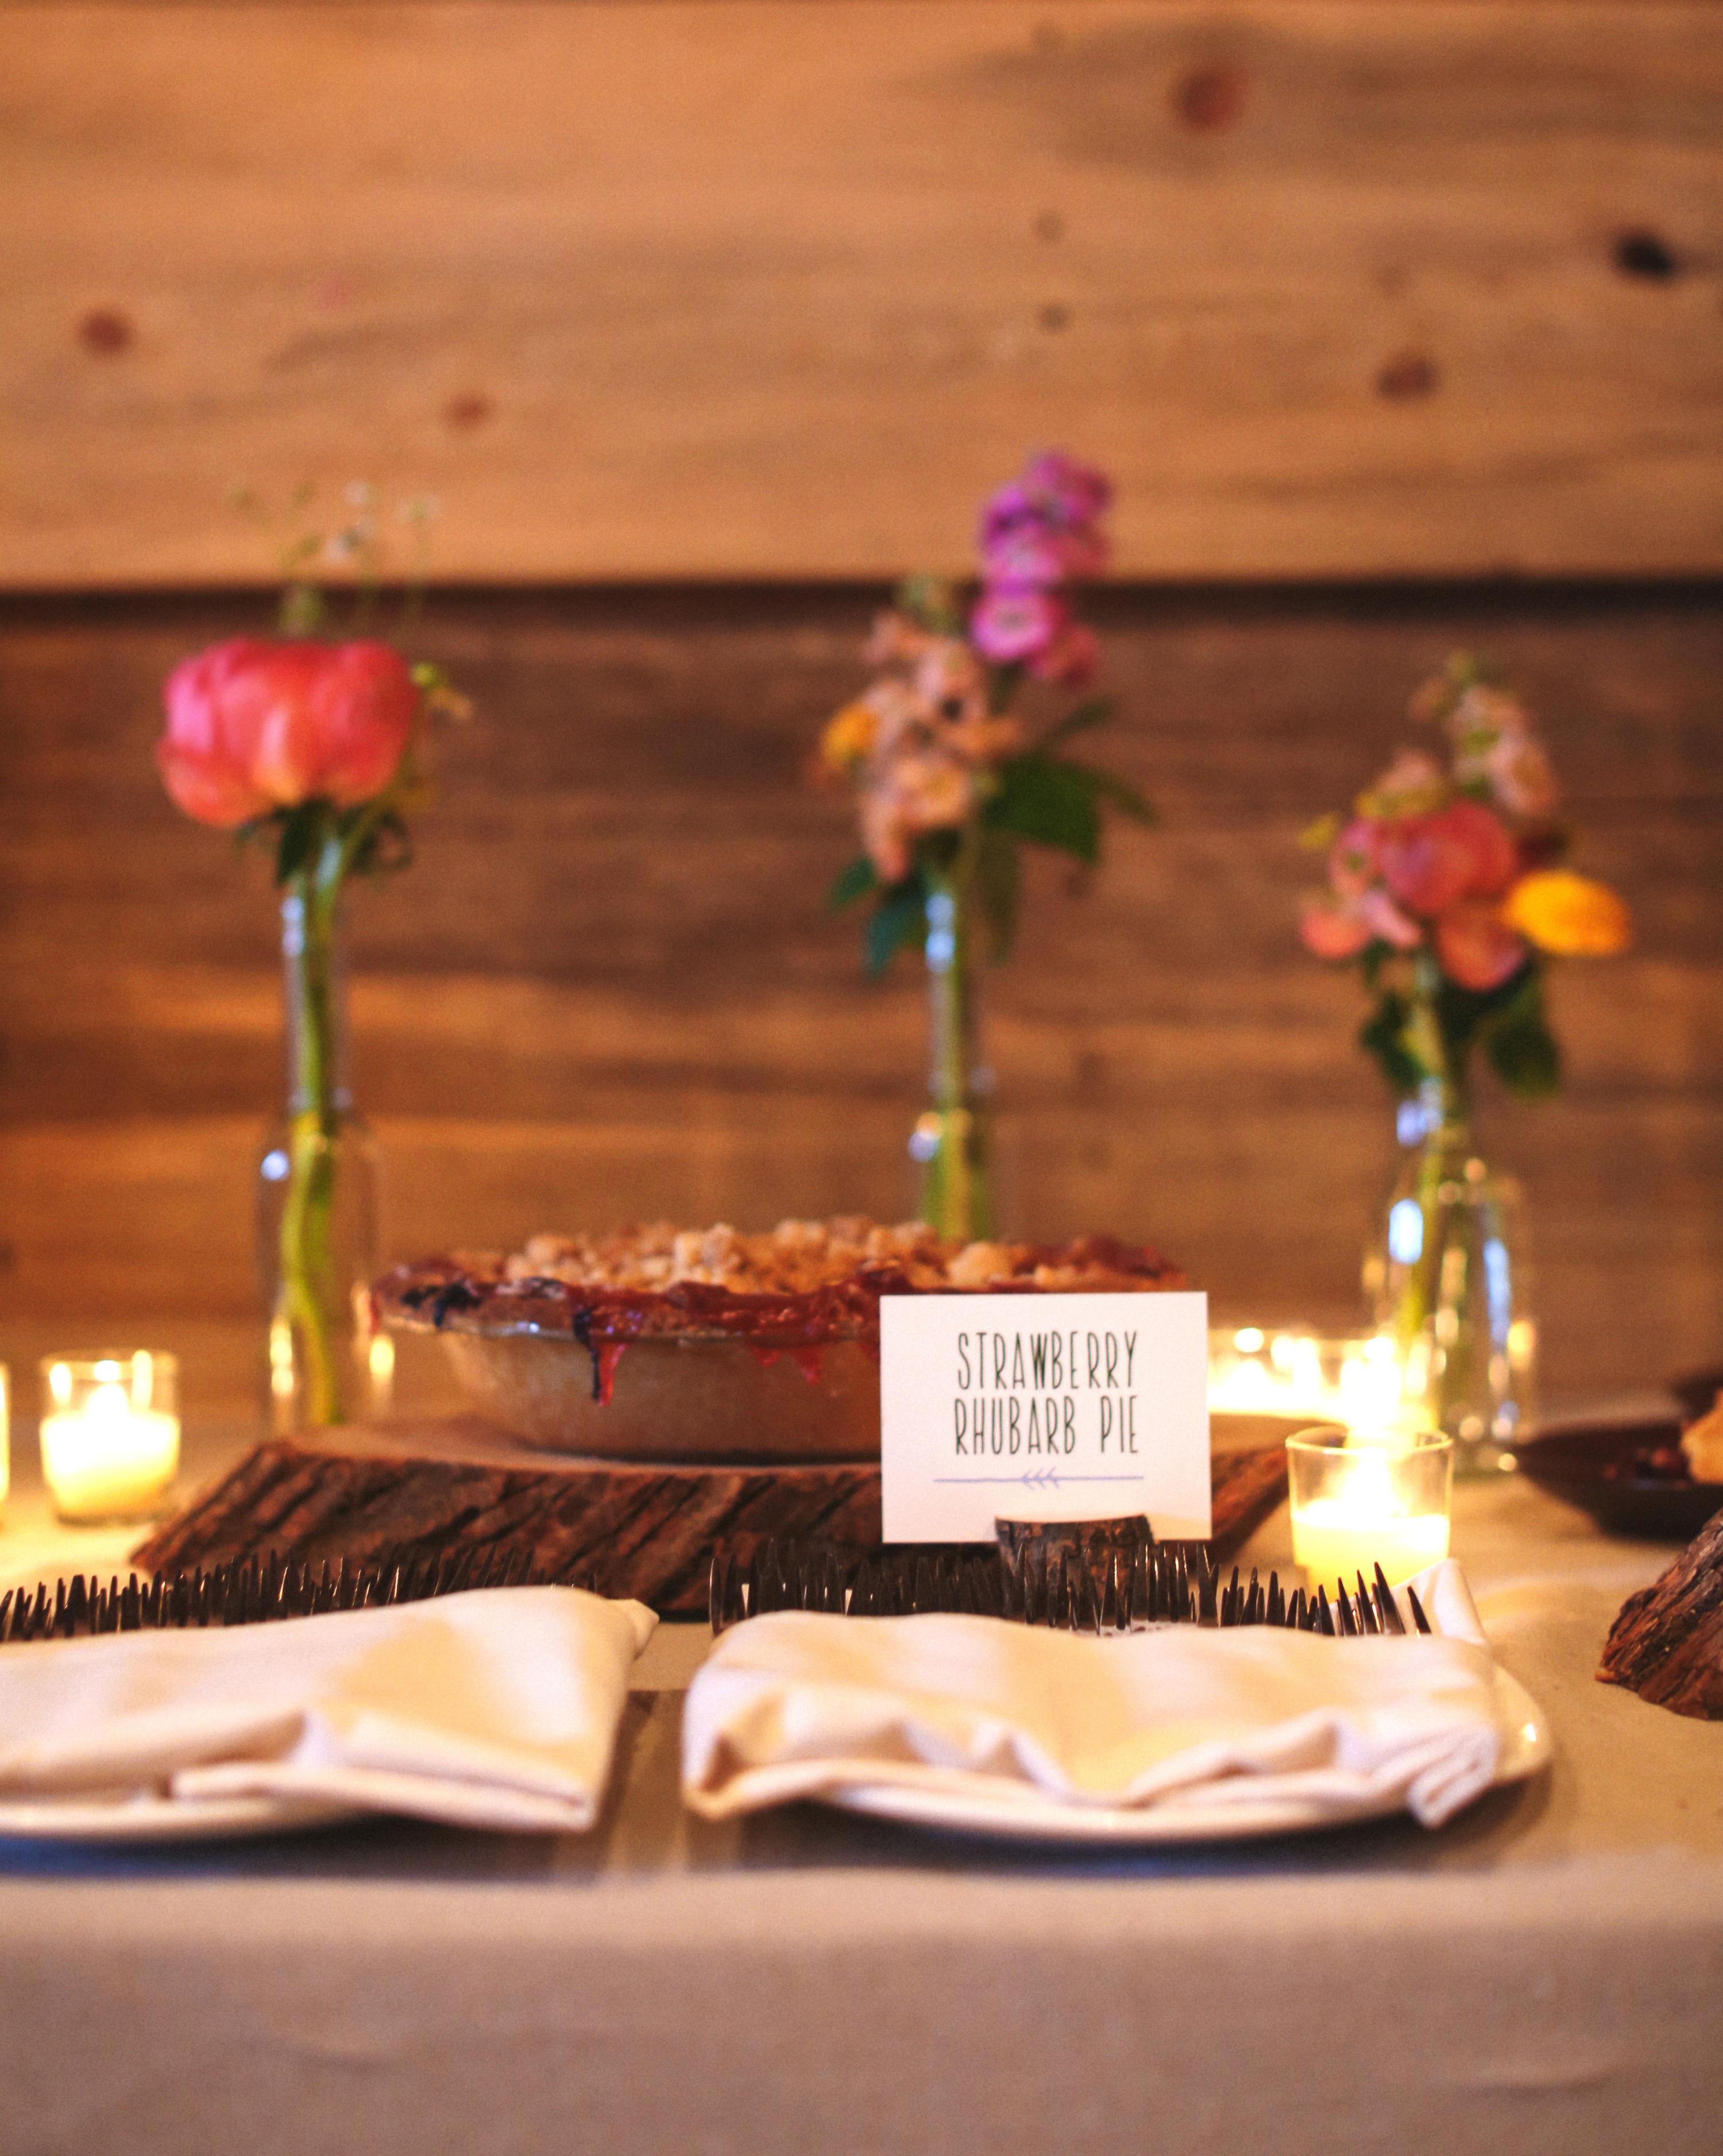 jamie-ryan-wedding-pie-113-s111523-0914.jpg